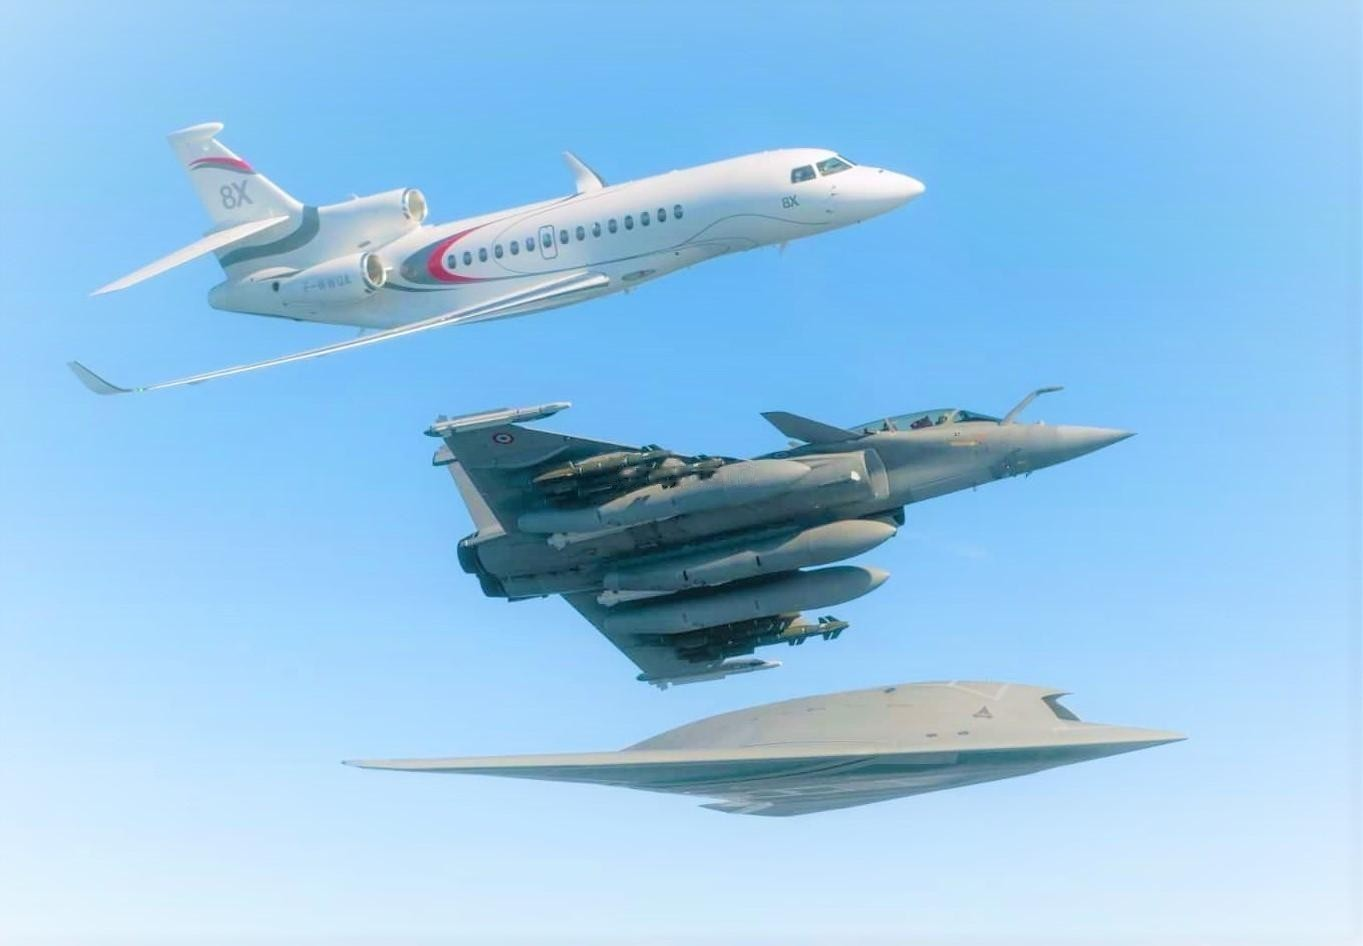 Купить самолет ✈️цена б/у, 🛩 новый. Продажа настоящих самолетов ⋆ Техклуб